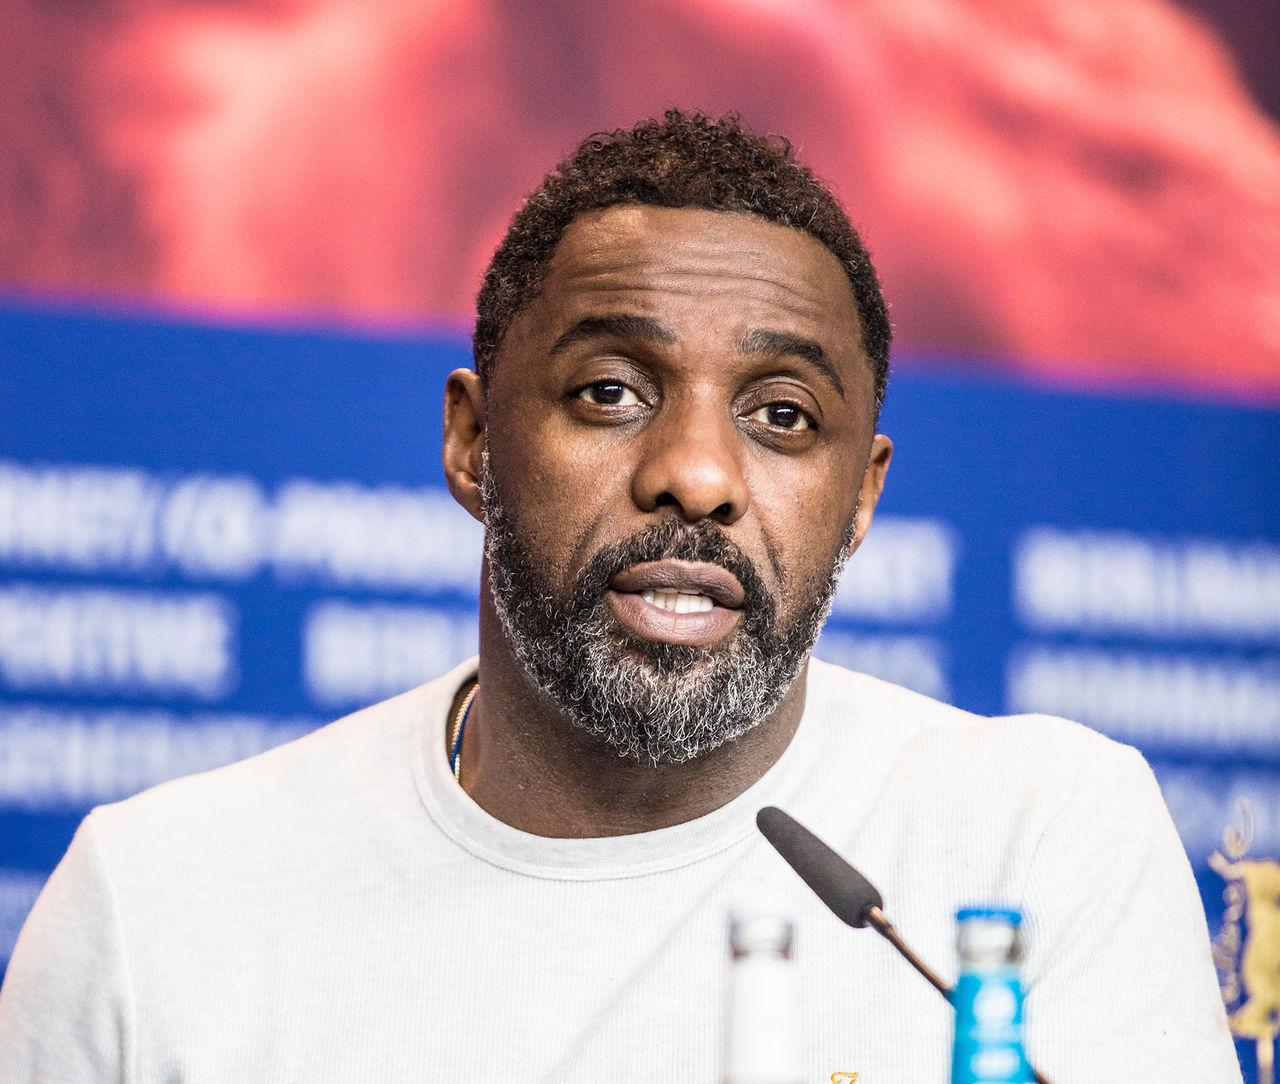 Kommer Idris Elba att bli nästa Bond?